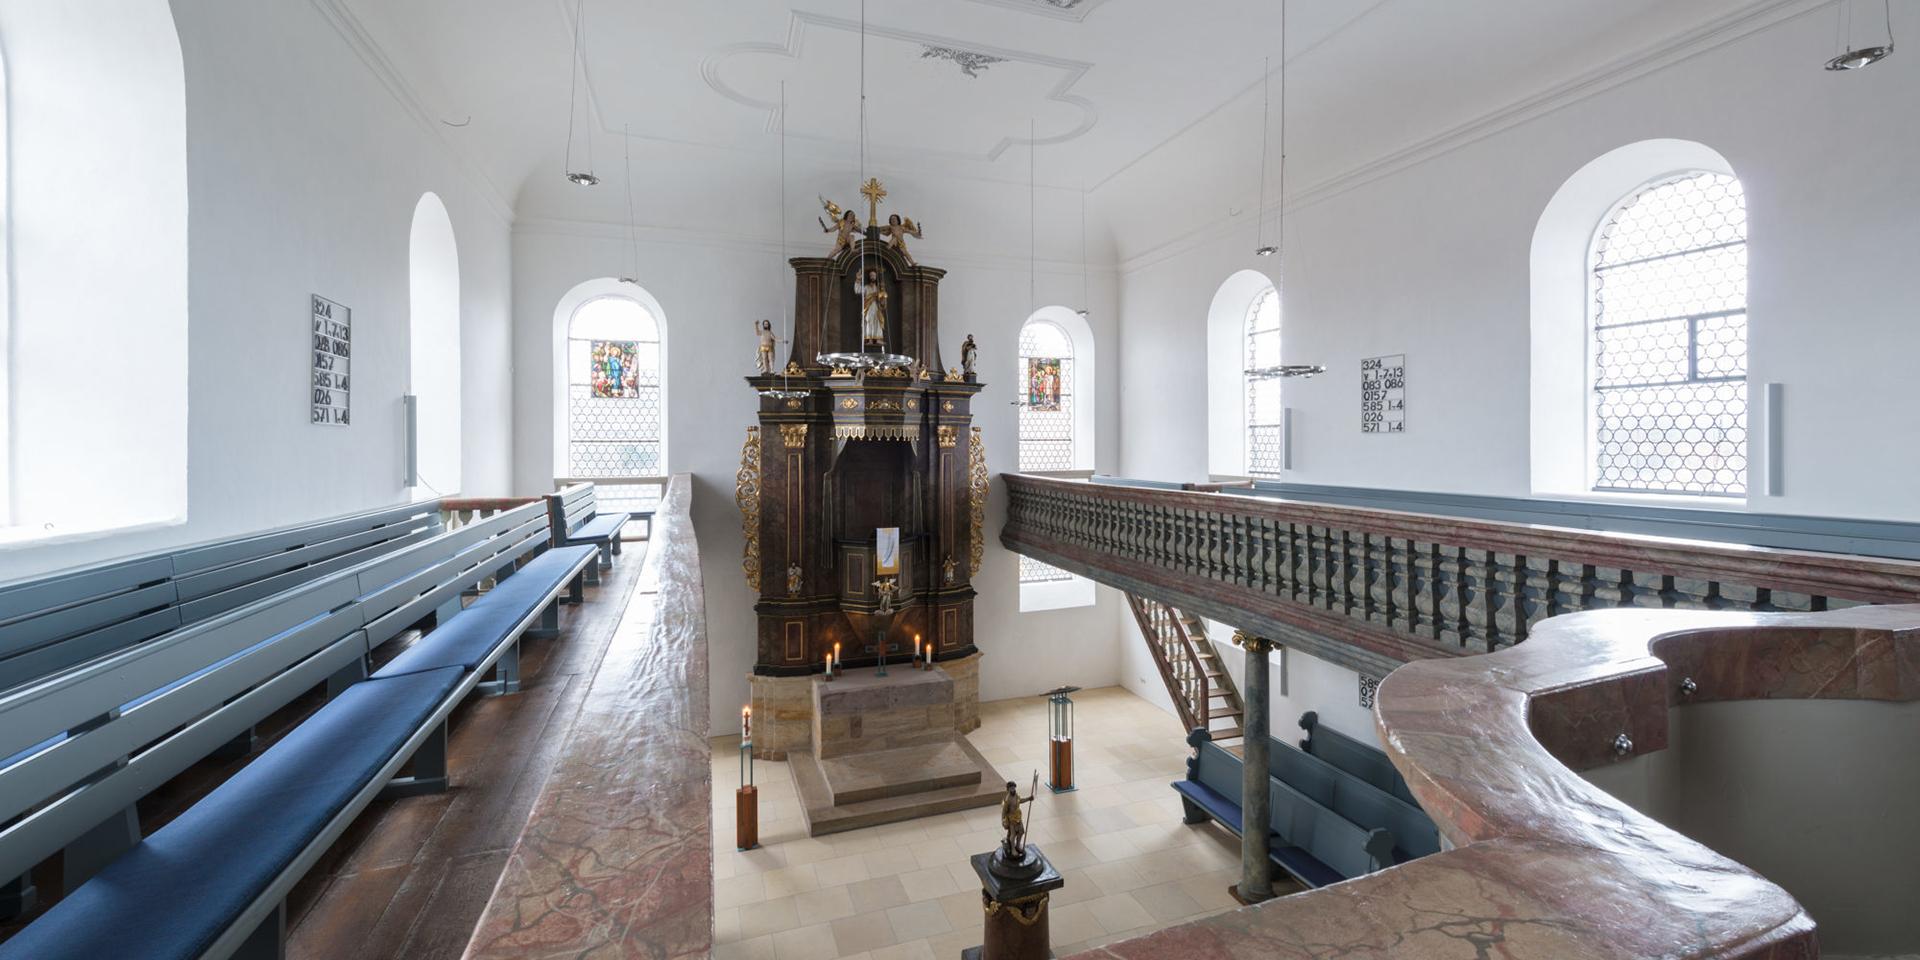 Evangelischer Gottesdienst aus der Matthäuskirche in Uttenreuth